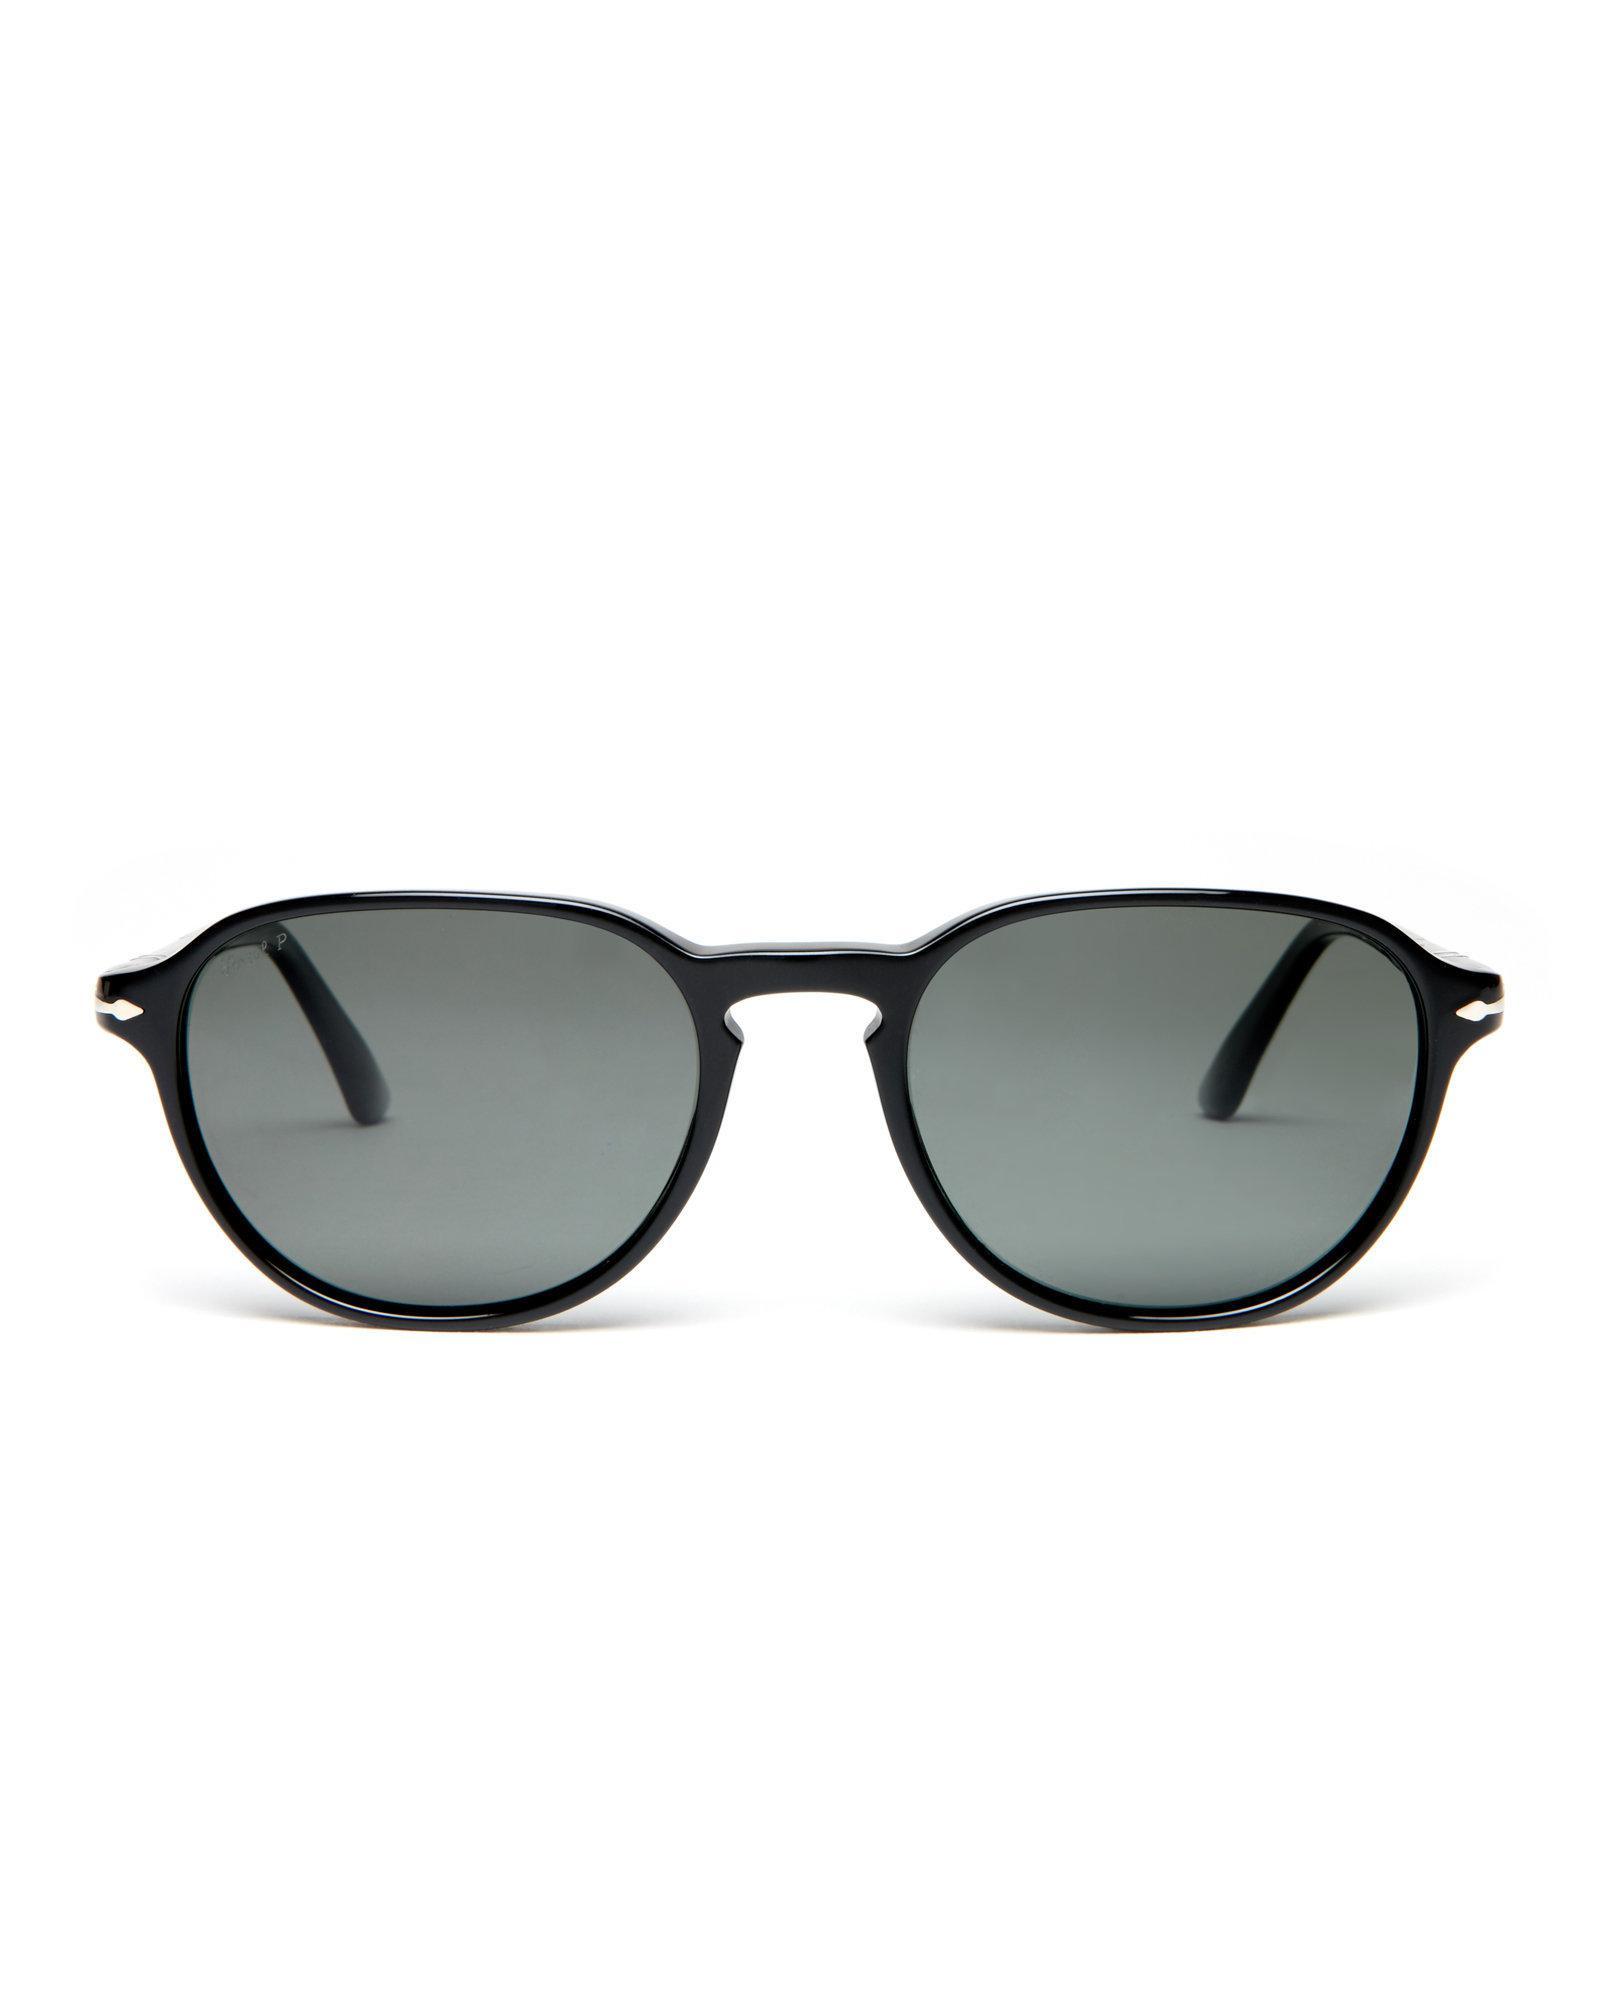 69403fba684c5 Lyst - Persol Po3053 Black Polarized Oval Sunglasses in Black